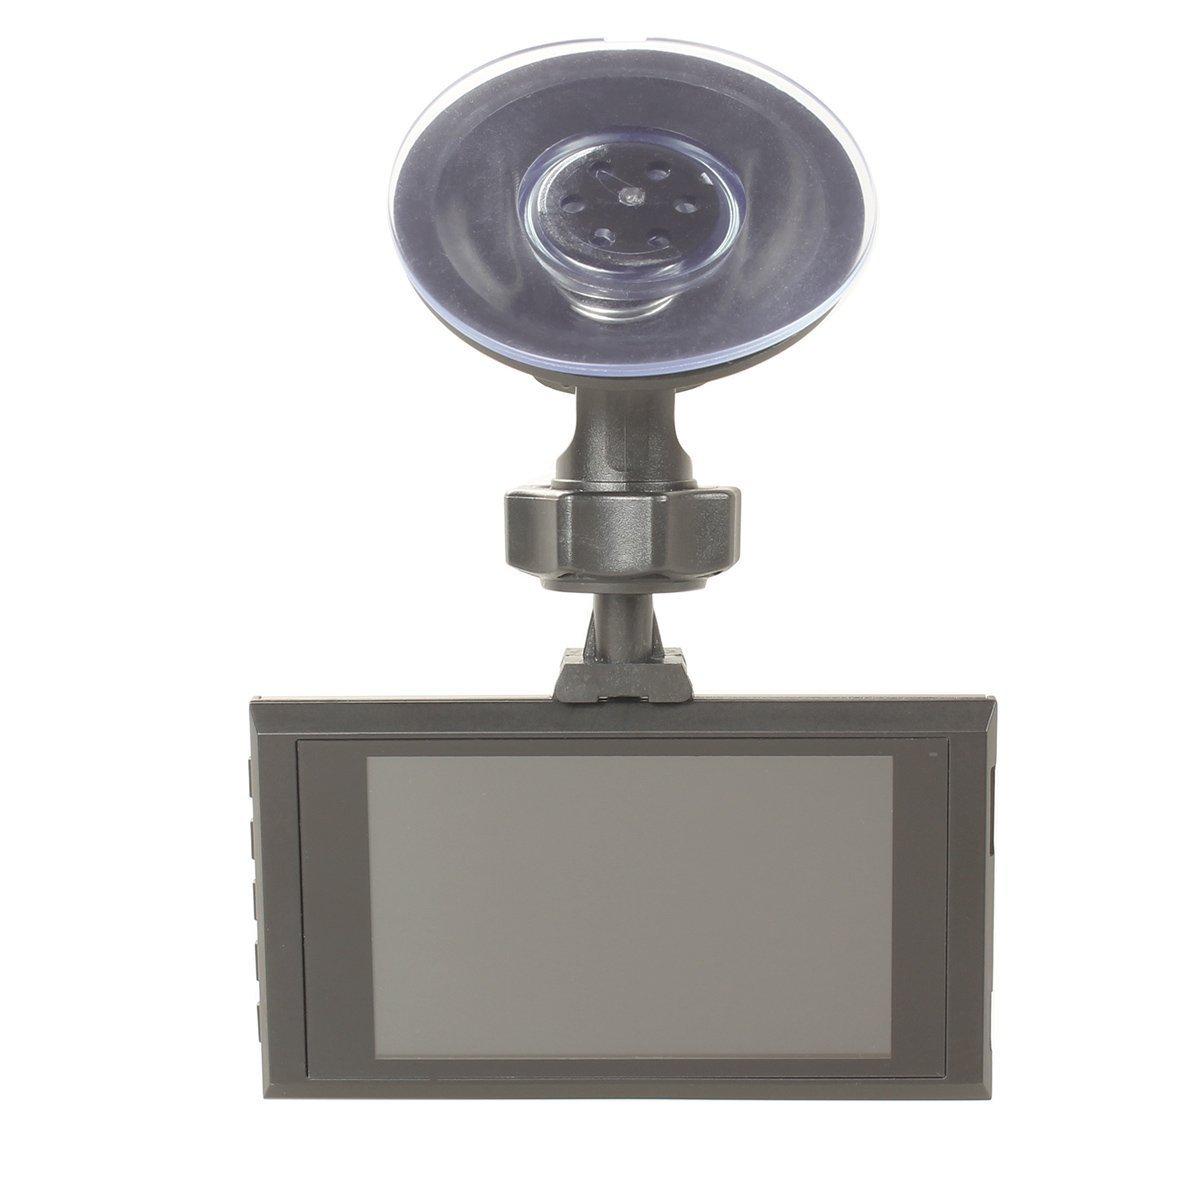 Dash Caméra HD 1080p de voiture DVR Enregistreur vidéo Cam 140 Angle de vision nocturne , moniteur de stationnement véhicule sauvegarde Caméra de tableau de bord 3 inch LCD Display Route caméscopev